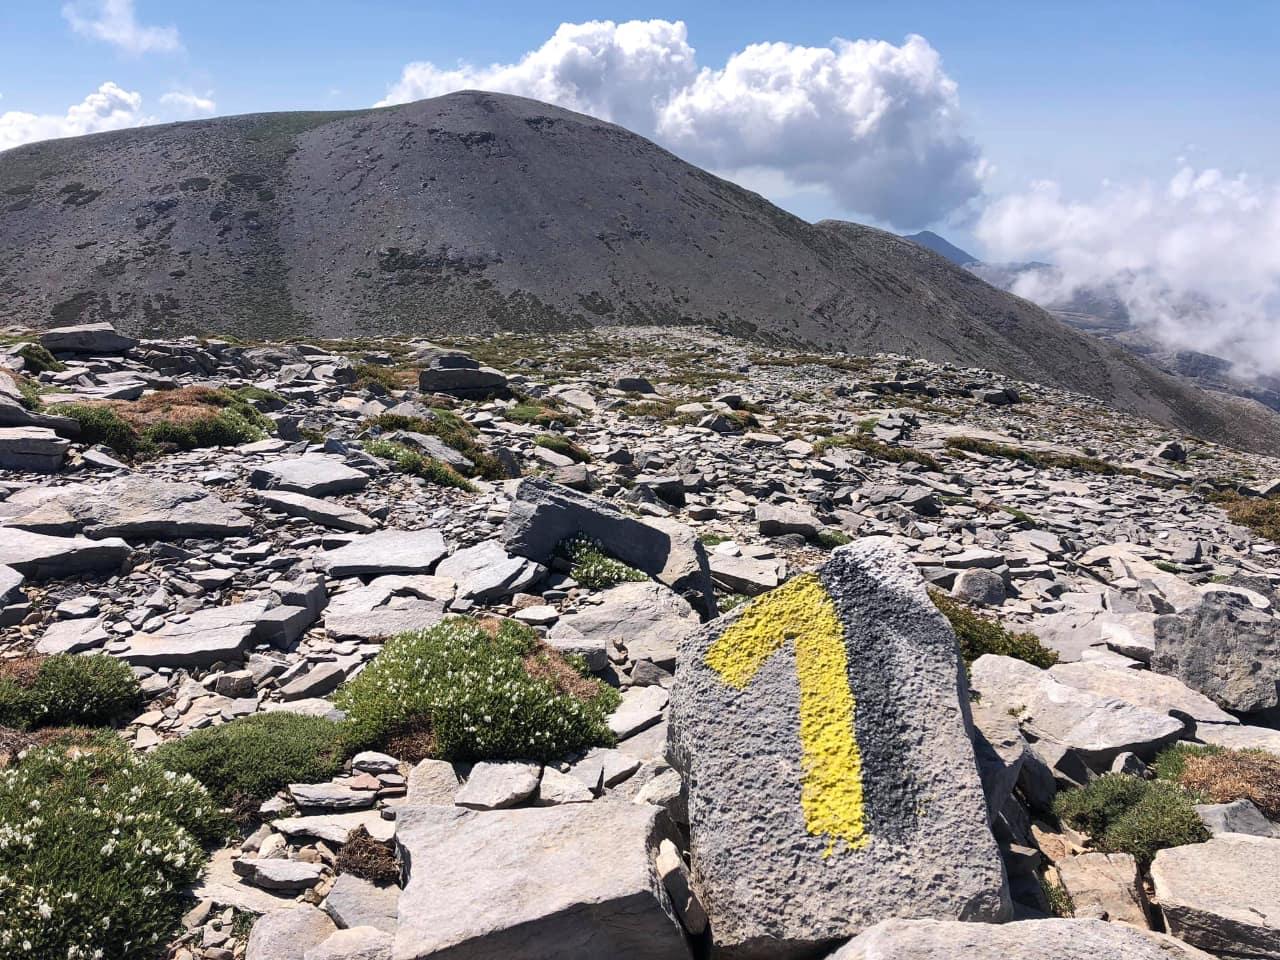 Kalimera_from_Psiloritis_-_Ida_Mountain